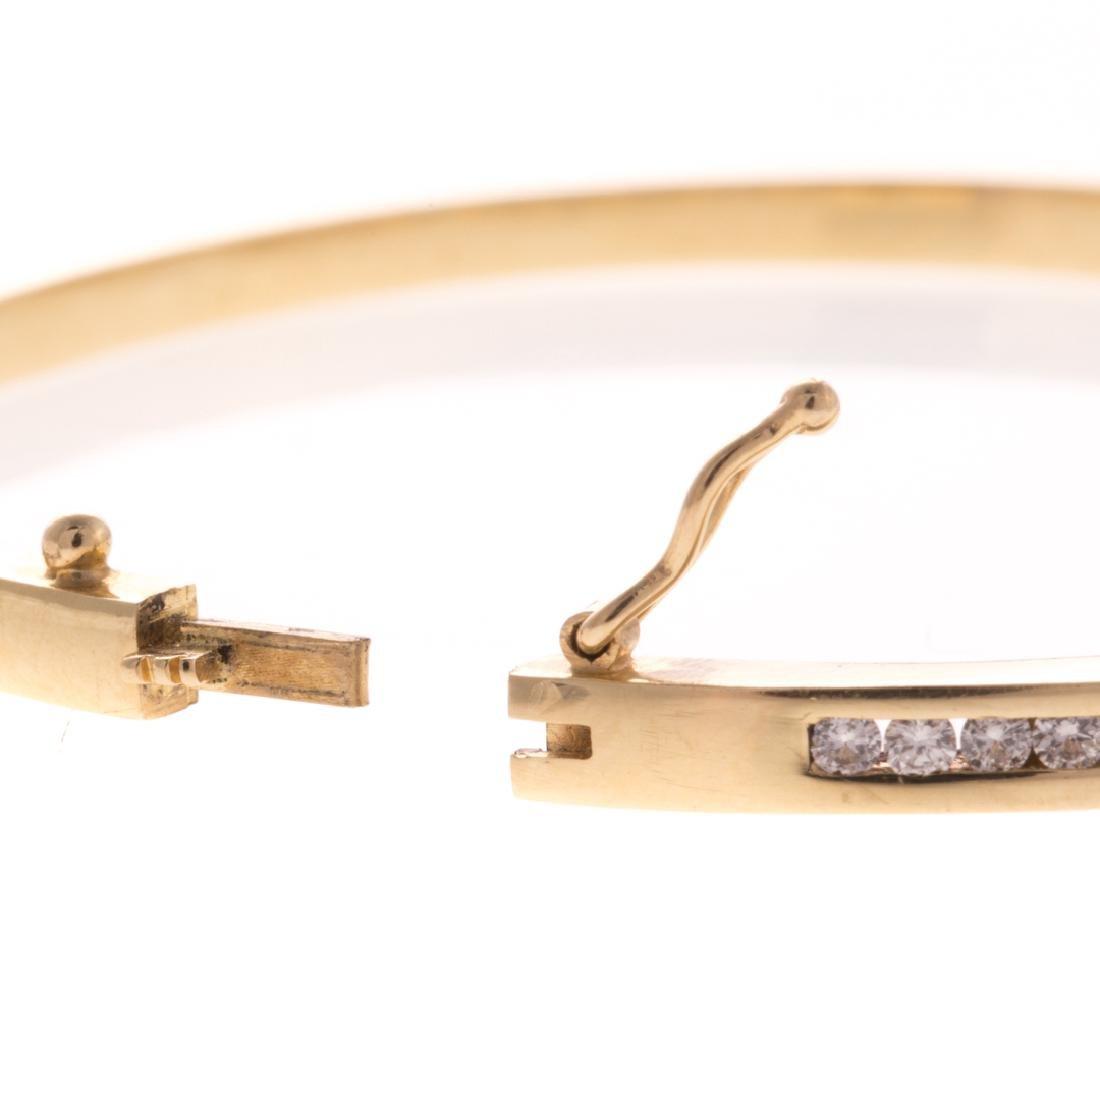 A Lady's Diamond Bangle Bracelet in 14K Gold - 4